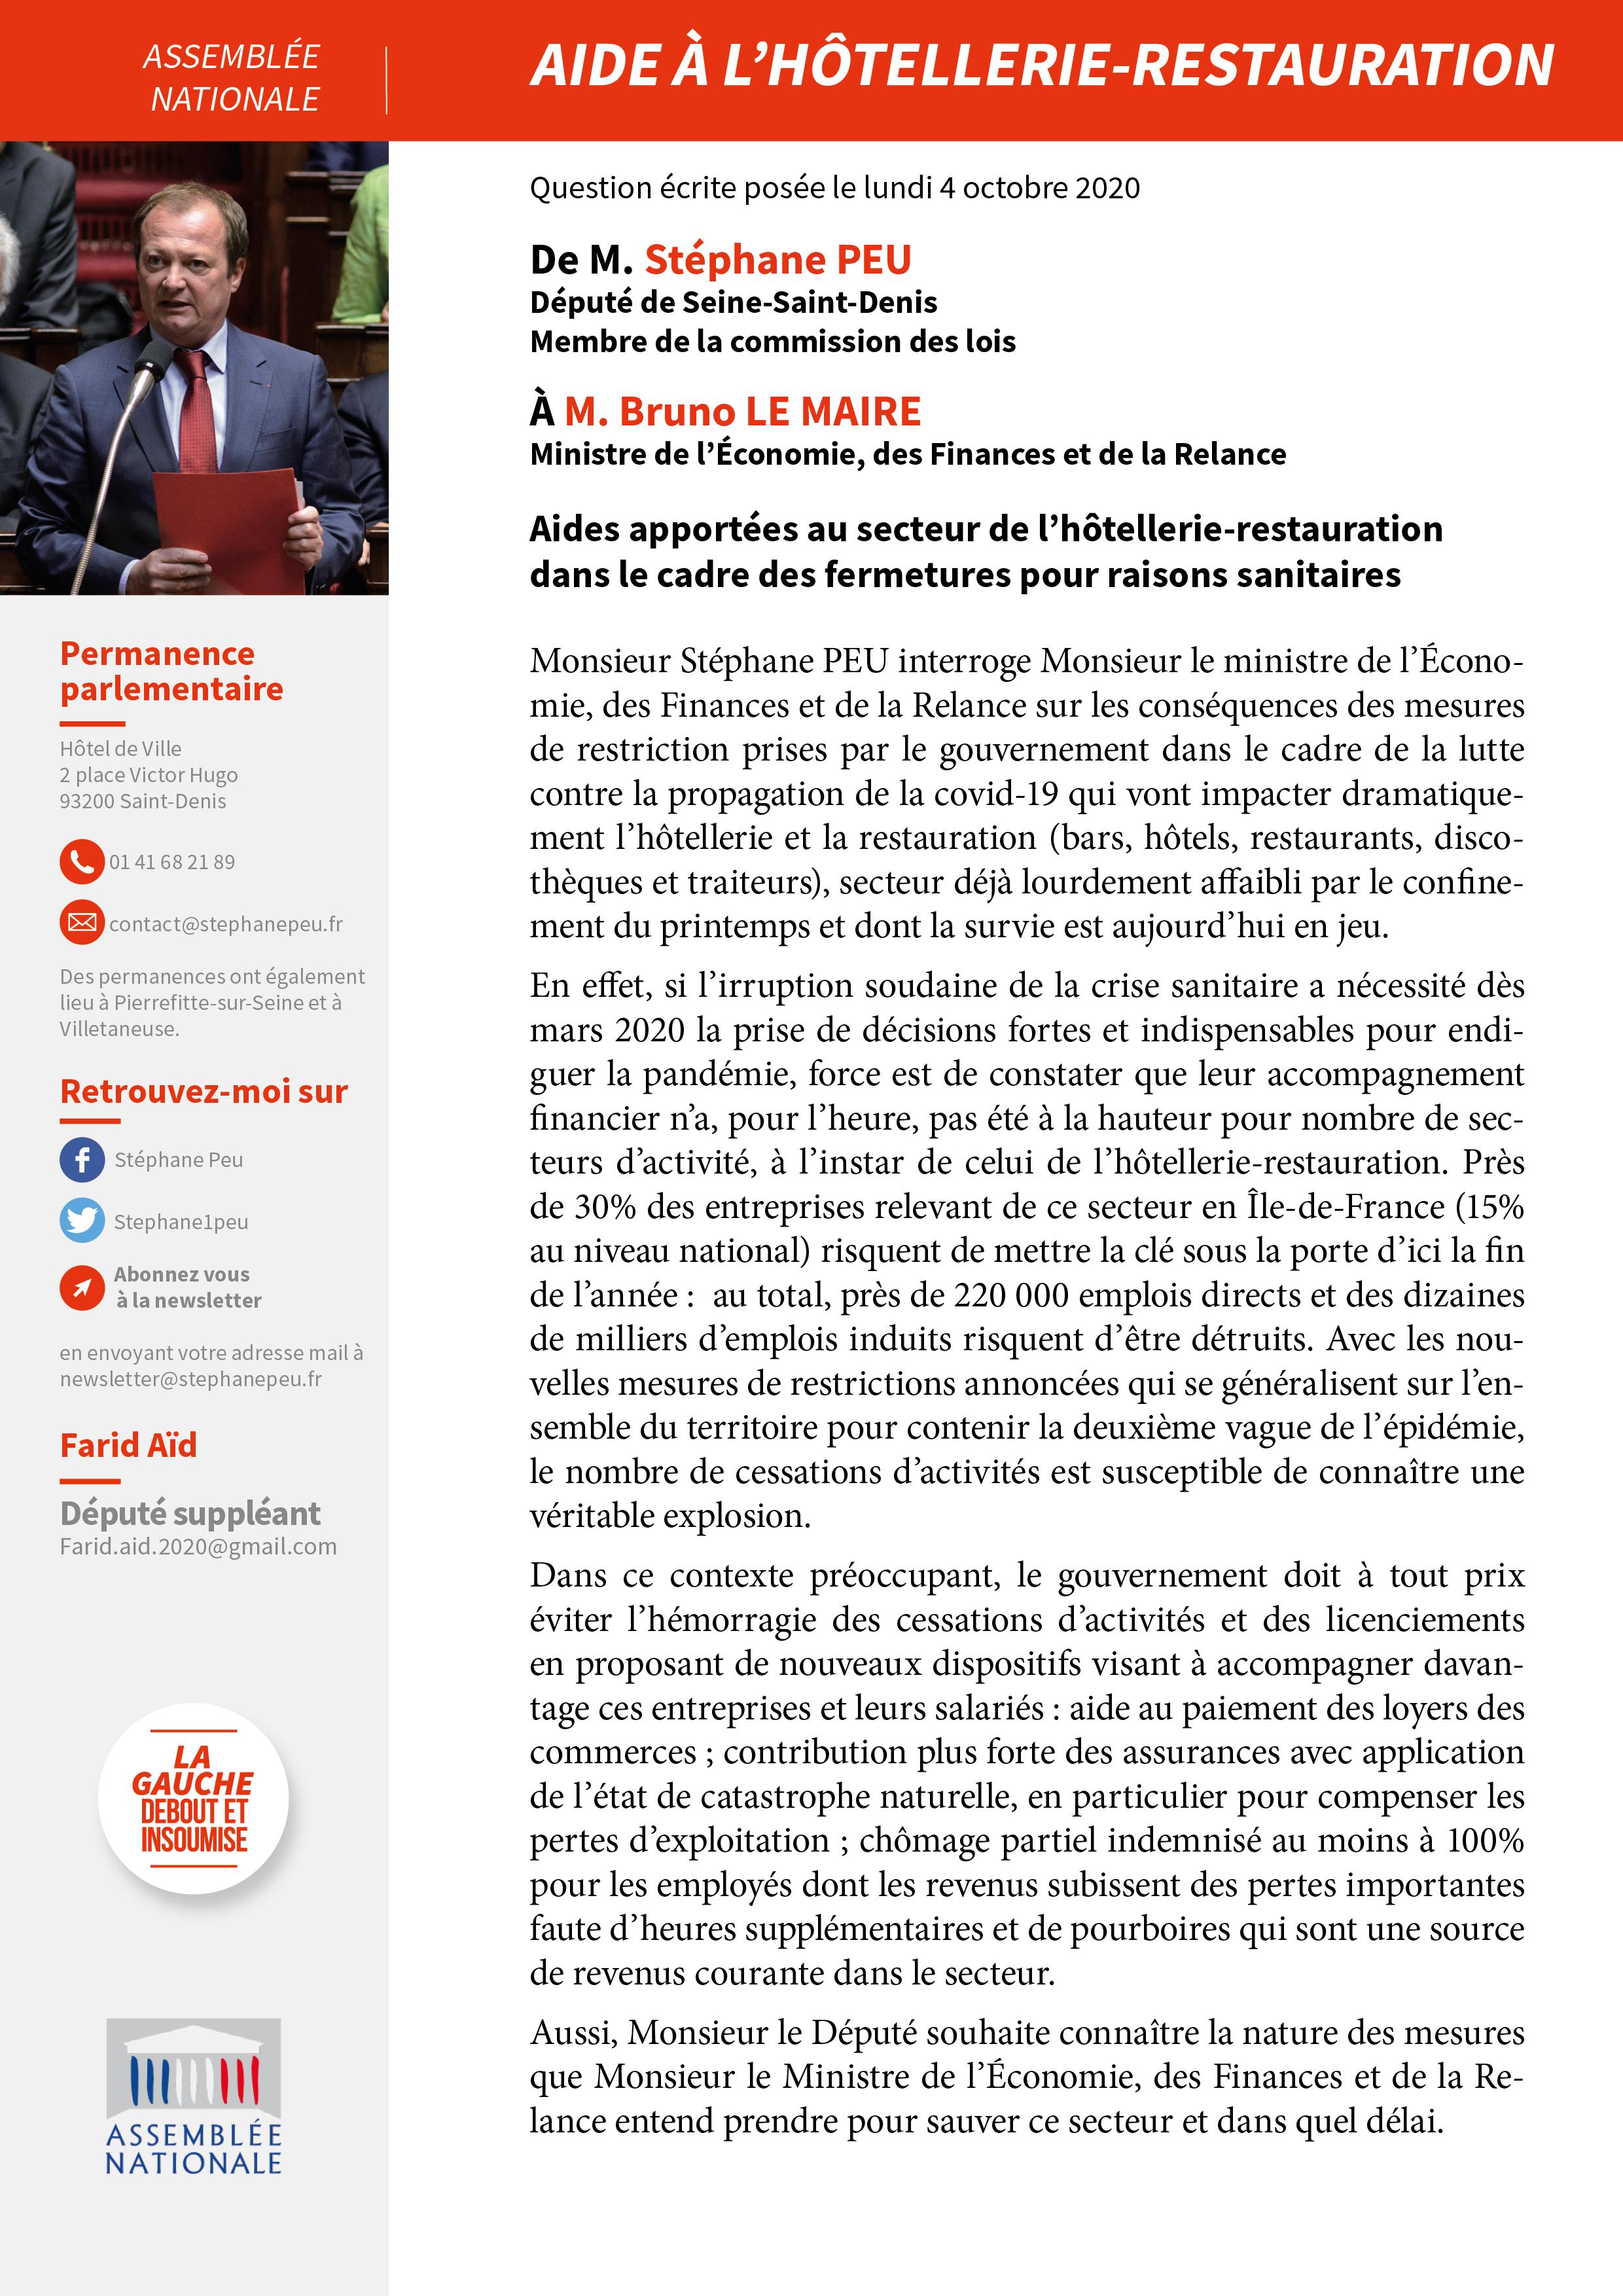 Aides Apportées Au Secteur De L'hôtellerie-restauration Dans Le Cadre Des Fermetures Pour Raisons Sanitaires